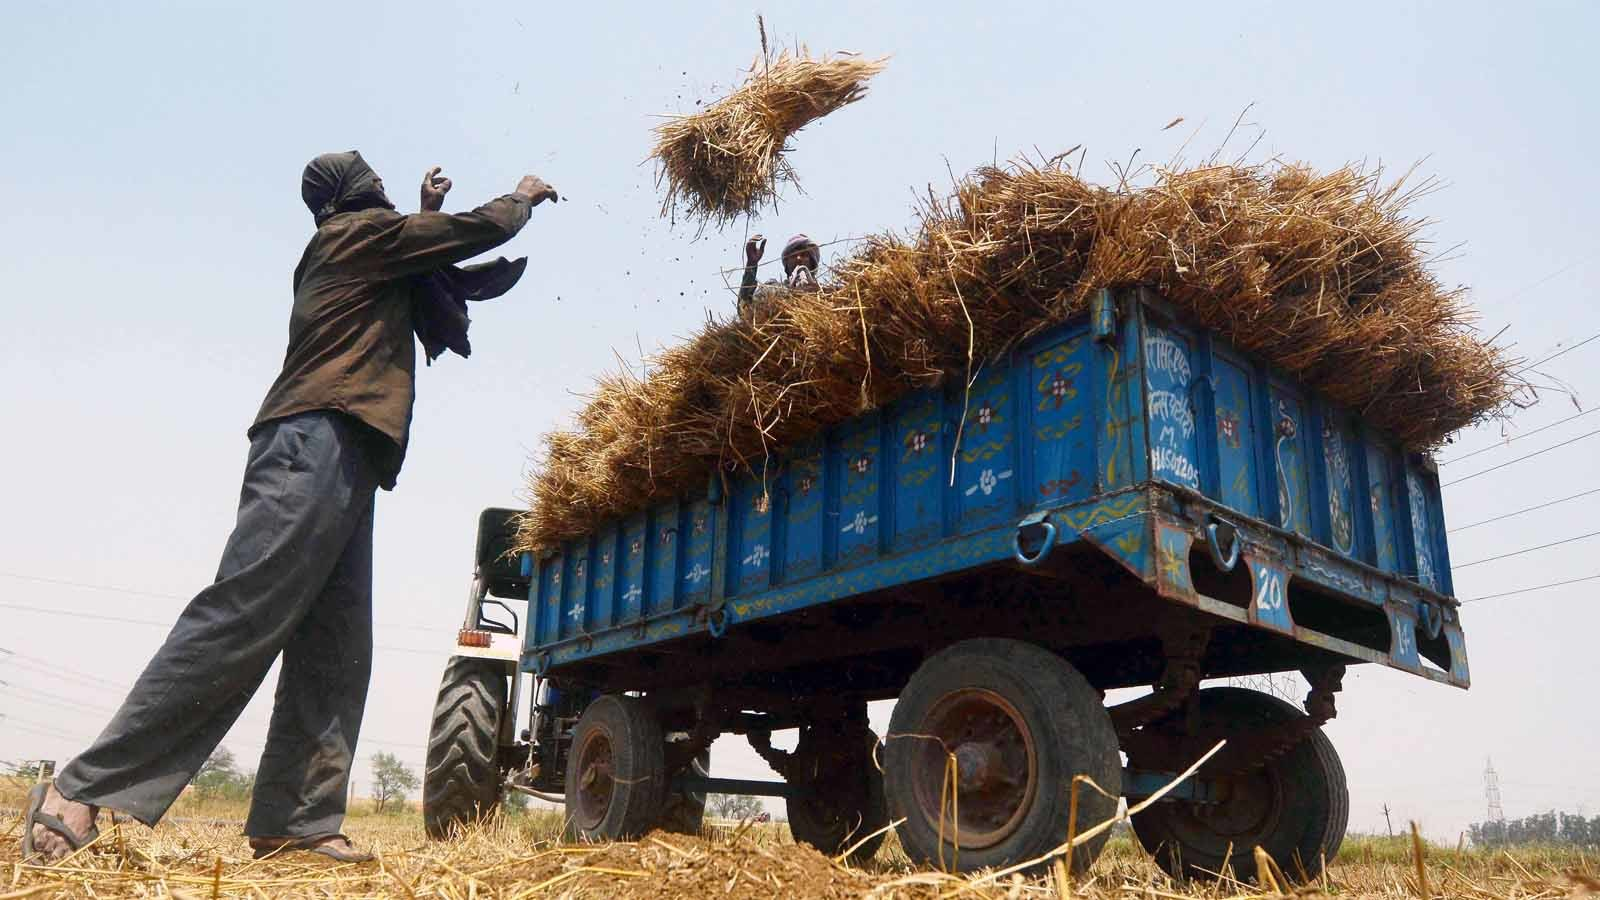 1600x900 Farm Bill là gì và tại sao nông dân sợ mất MSP theo luật mới: Giải thích - Times of India